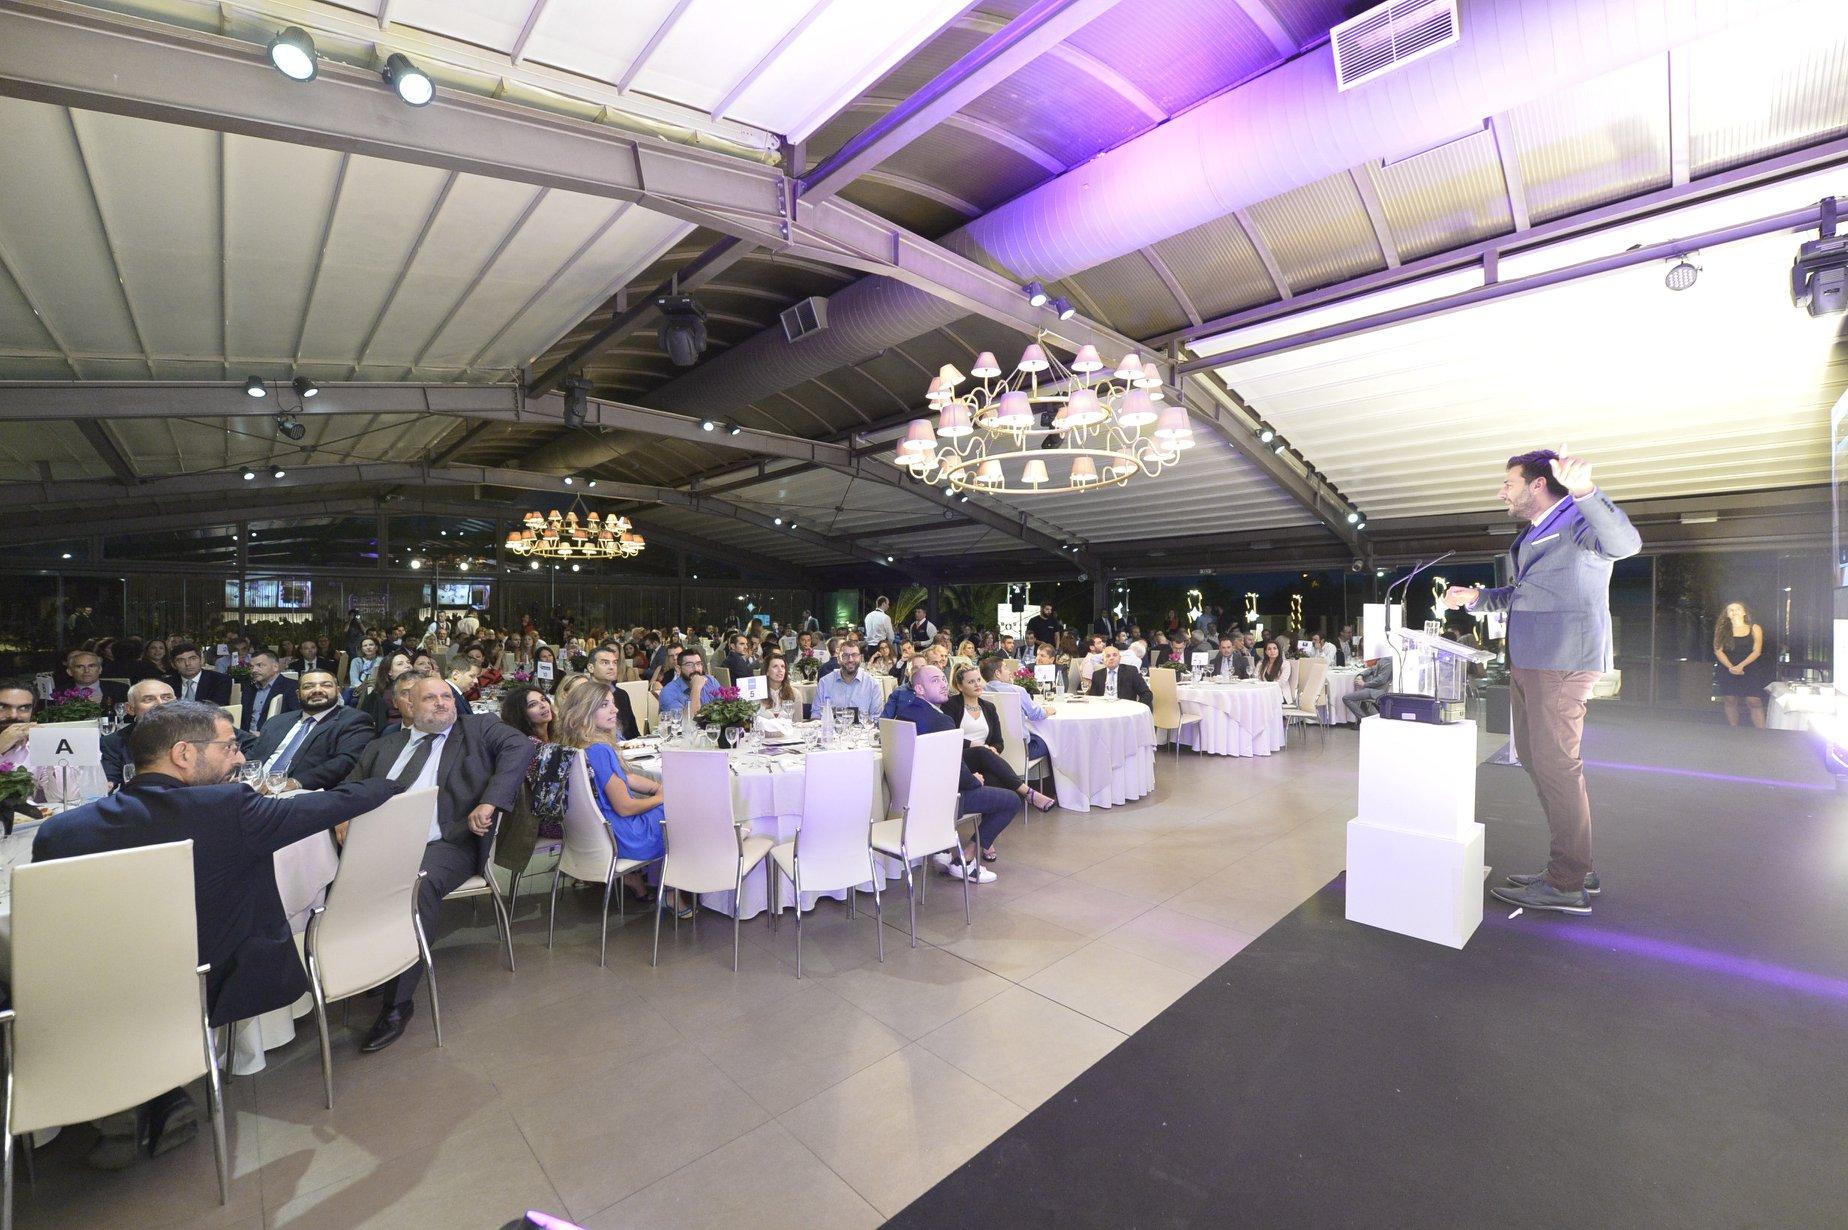 Στιγμιότυπα από την εκδήλωση των Mobile Excellence Awards